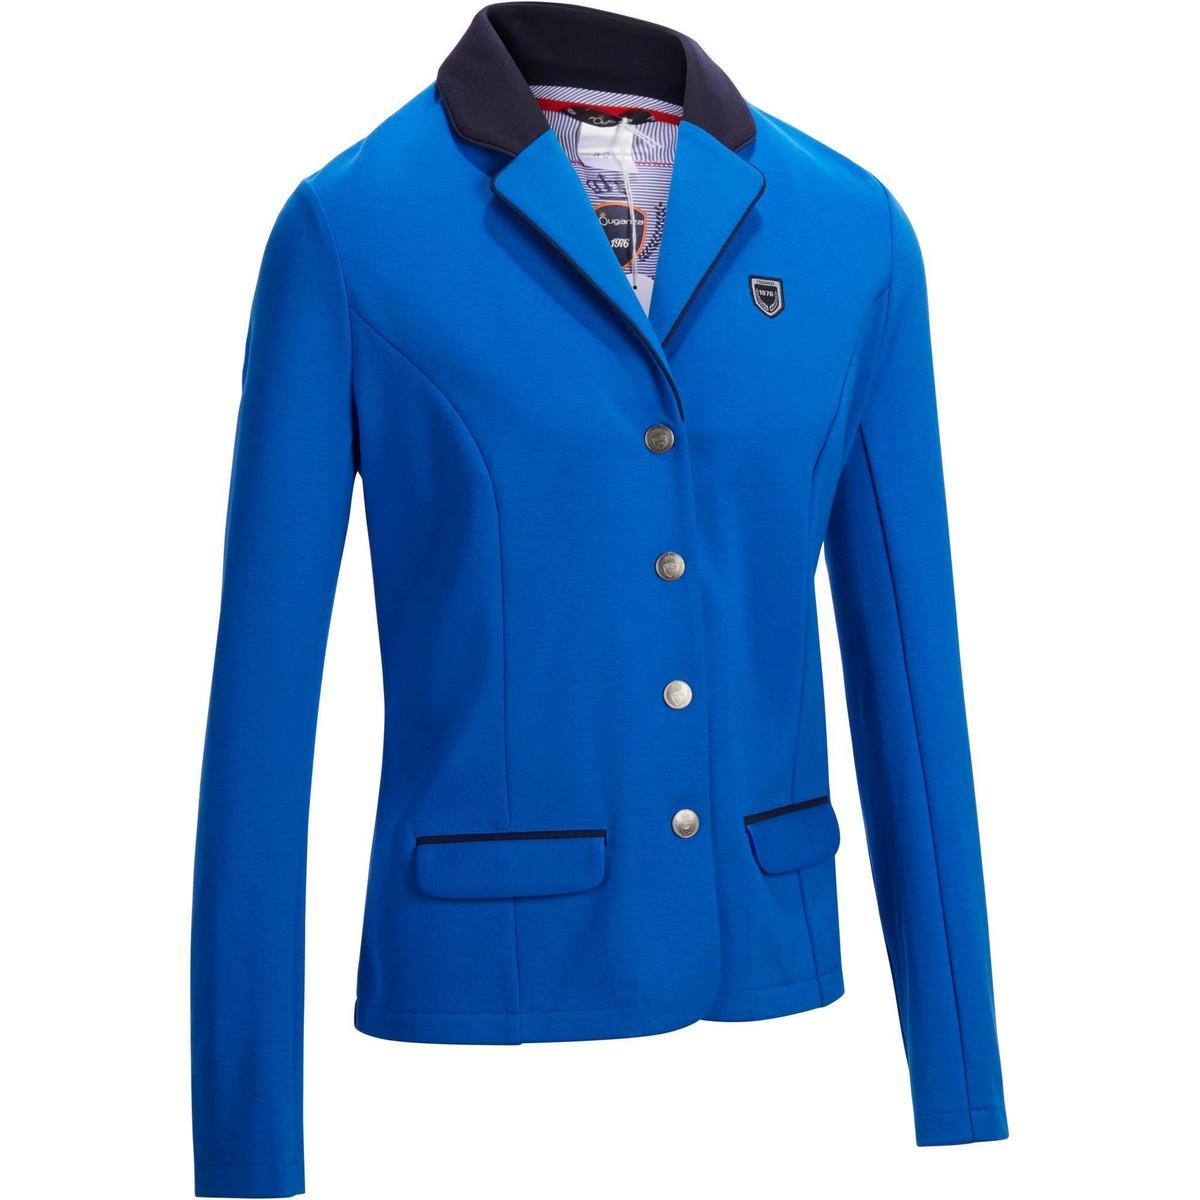 Bild 1 von Turnierjacket COMP100 Damen königsblau